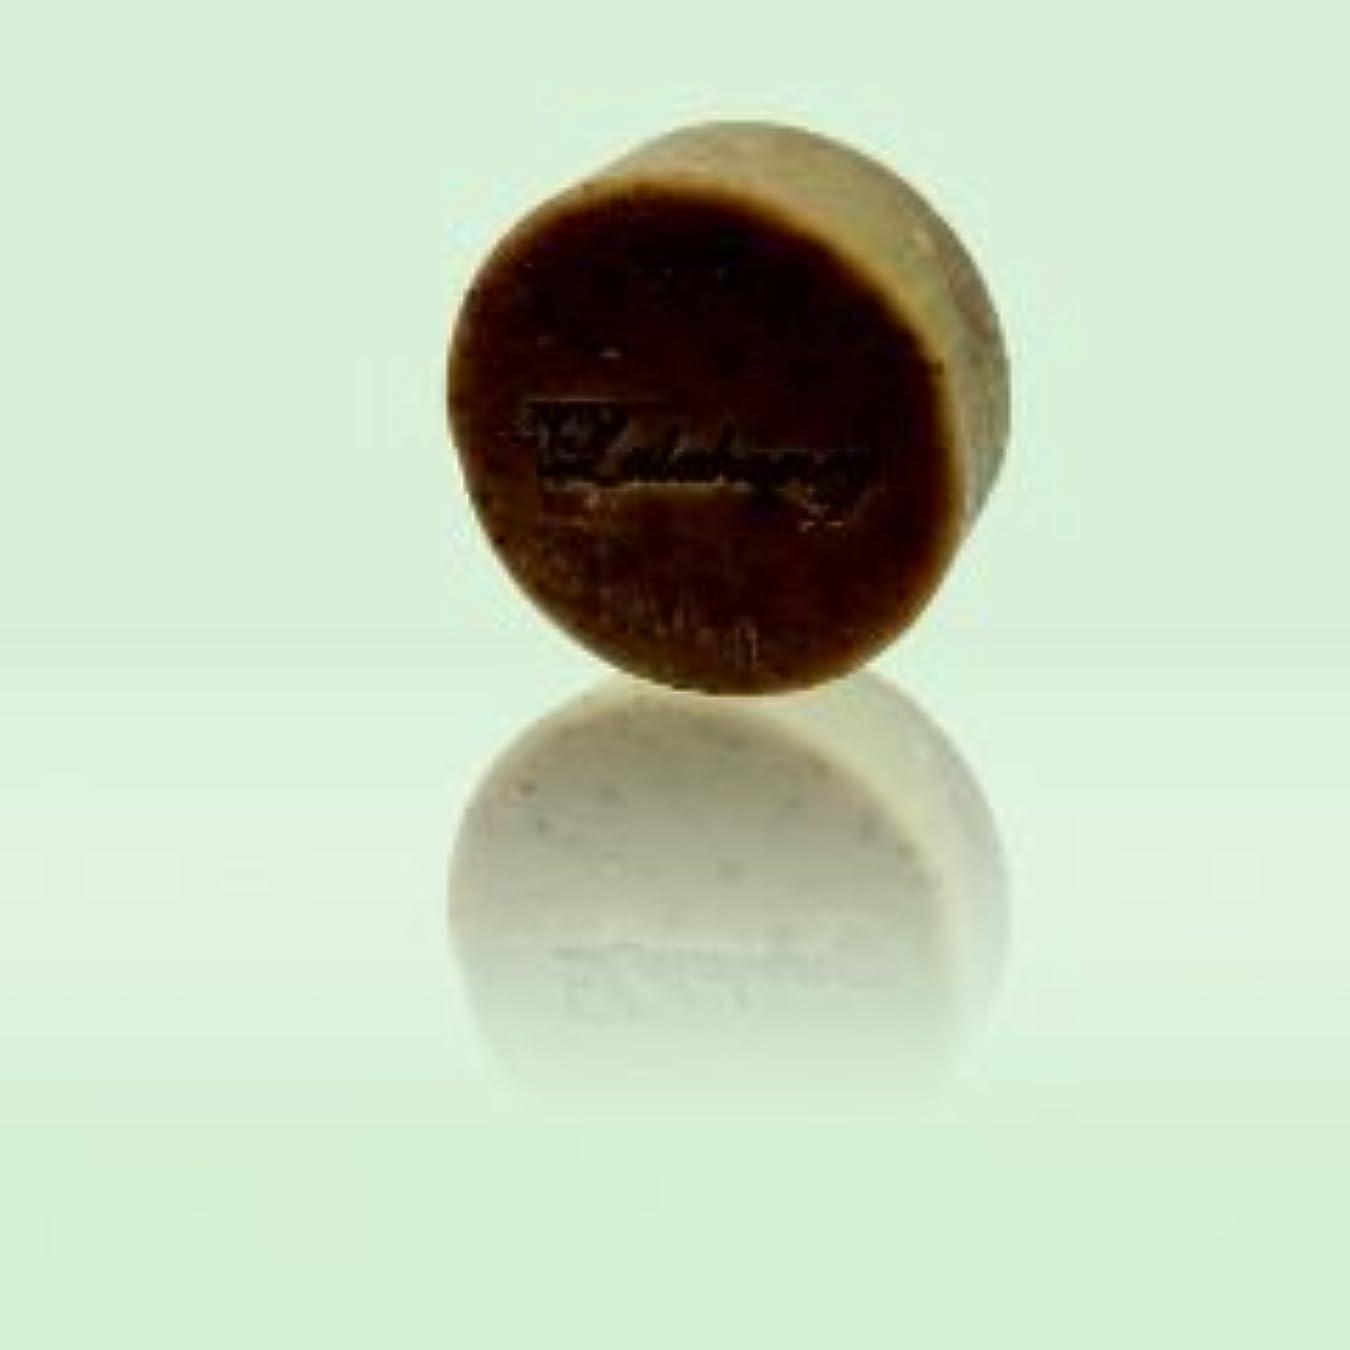 スキムまつげ摂氏LALAHONEY 石鹸〈チョコレート&オレンジ〉80g【手作りでシンプルなコールドプロセス製法】